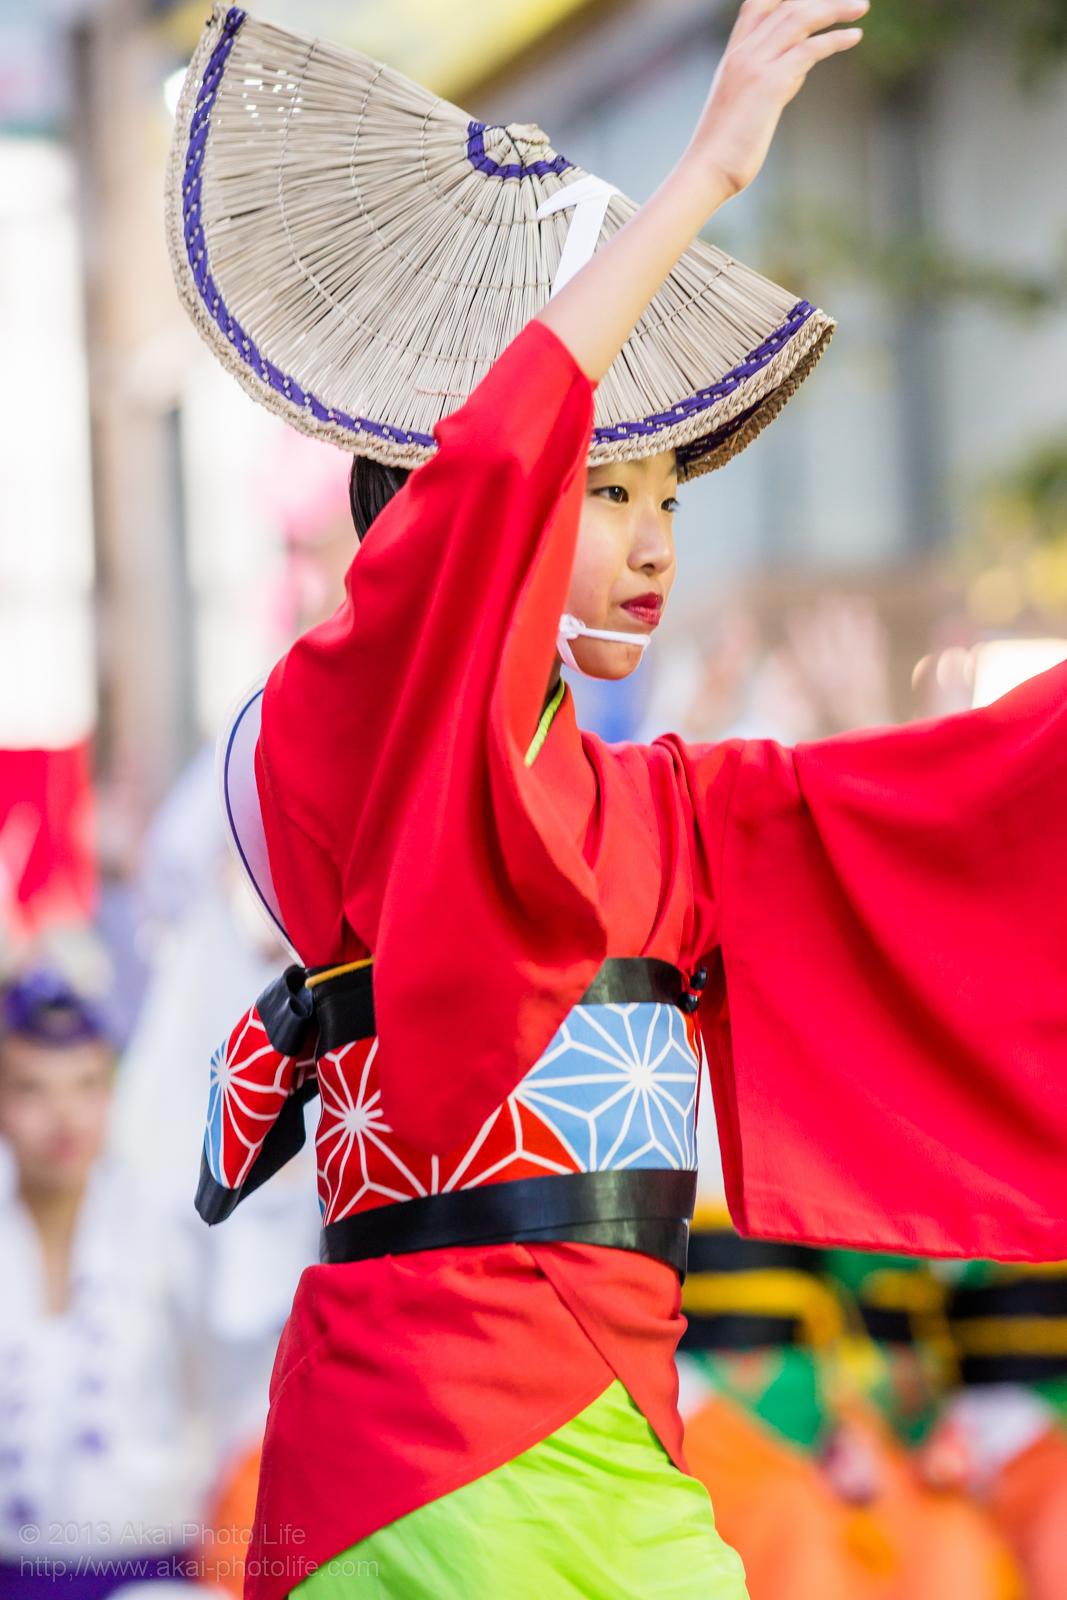 三鷹阿波踊り、みたか連の子供の女踊り